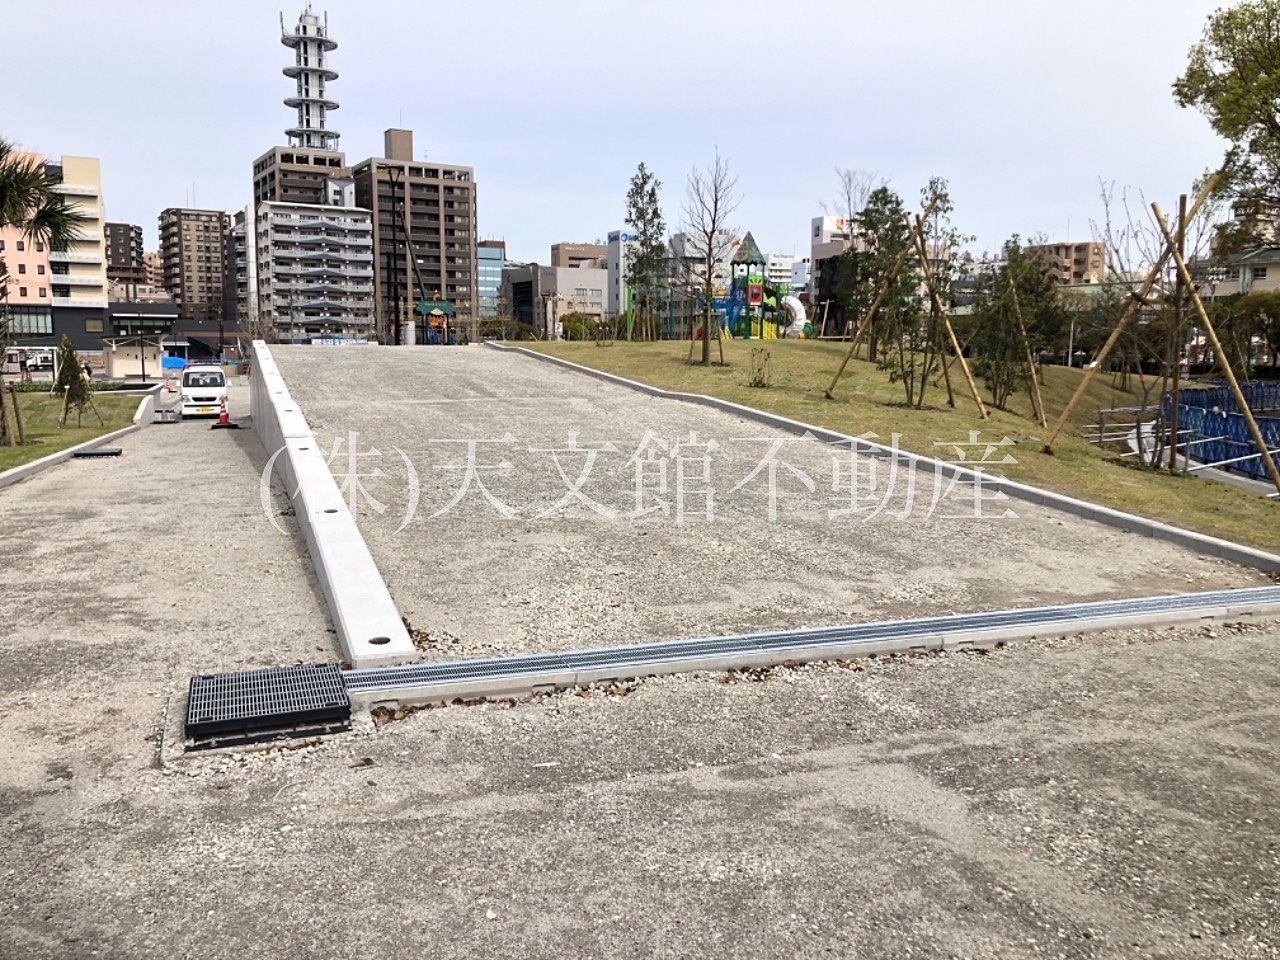 鹿児島市加治屋町の加治屋町の杜公園の南側には大きなスロープが出来ていました。